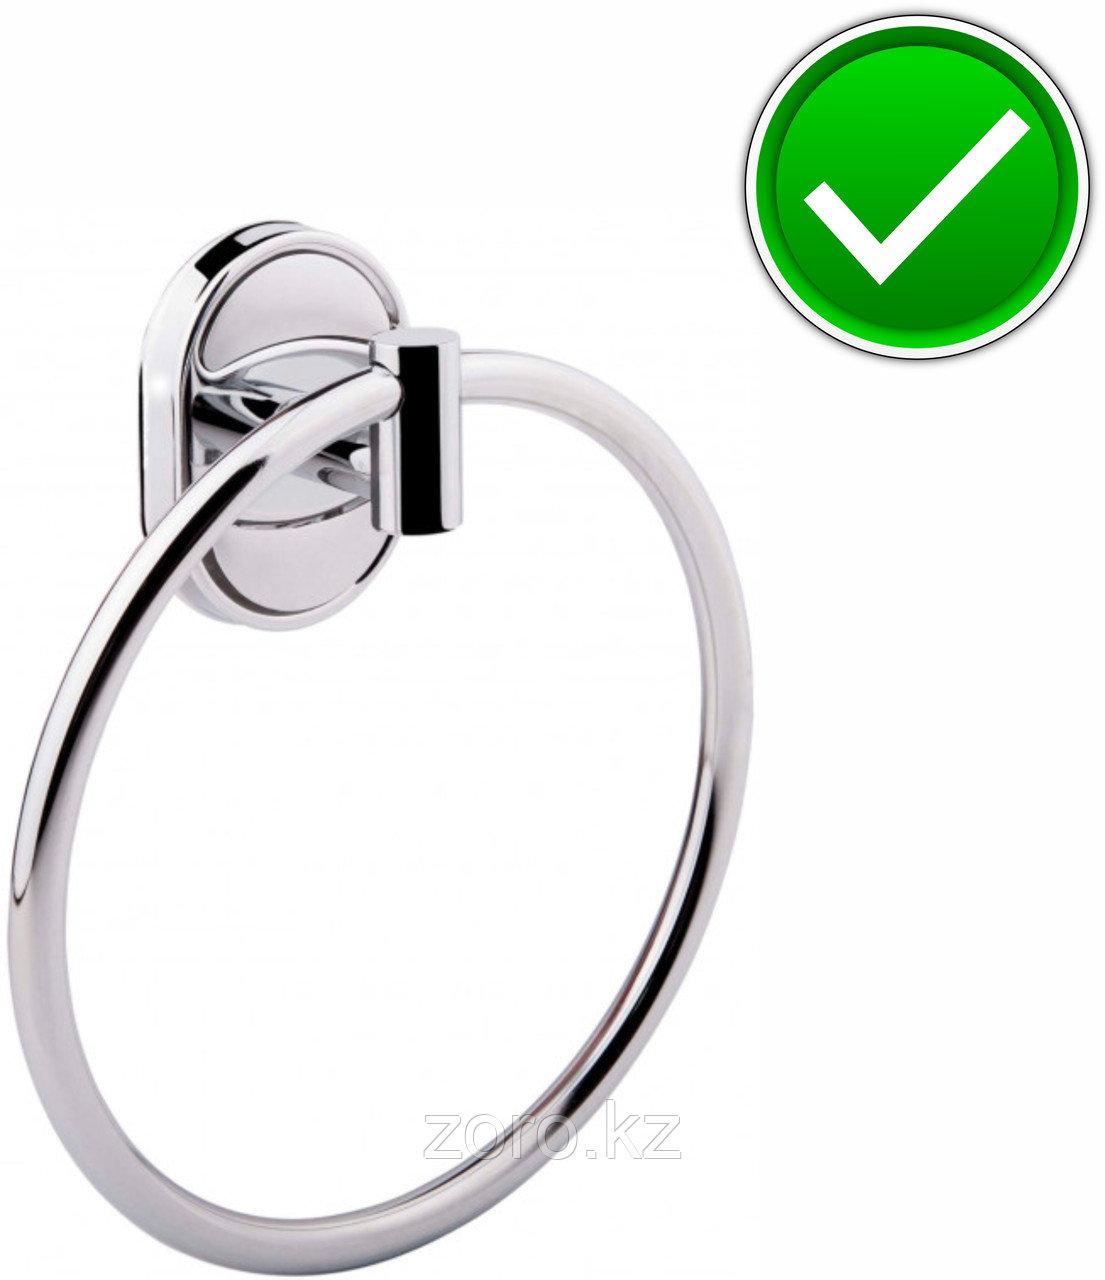 Держатель для полотенец (Кольцо)